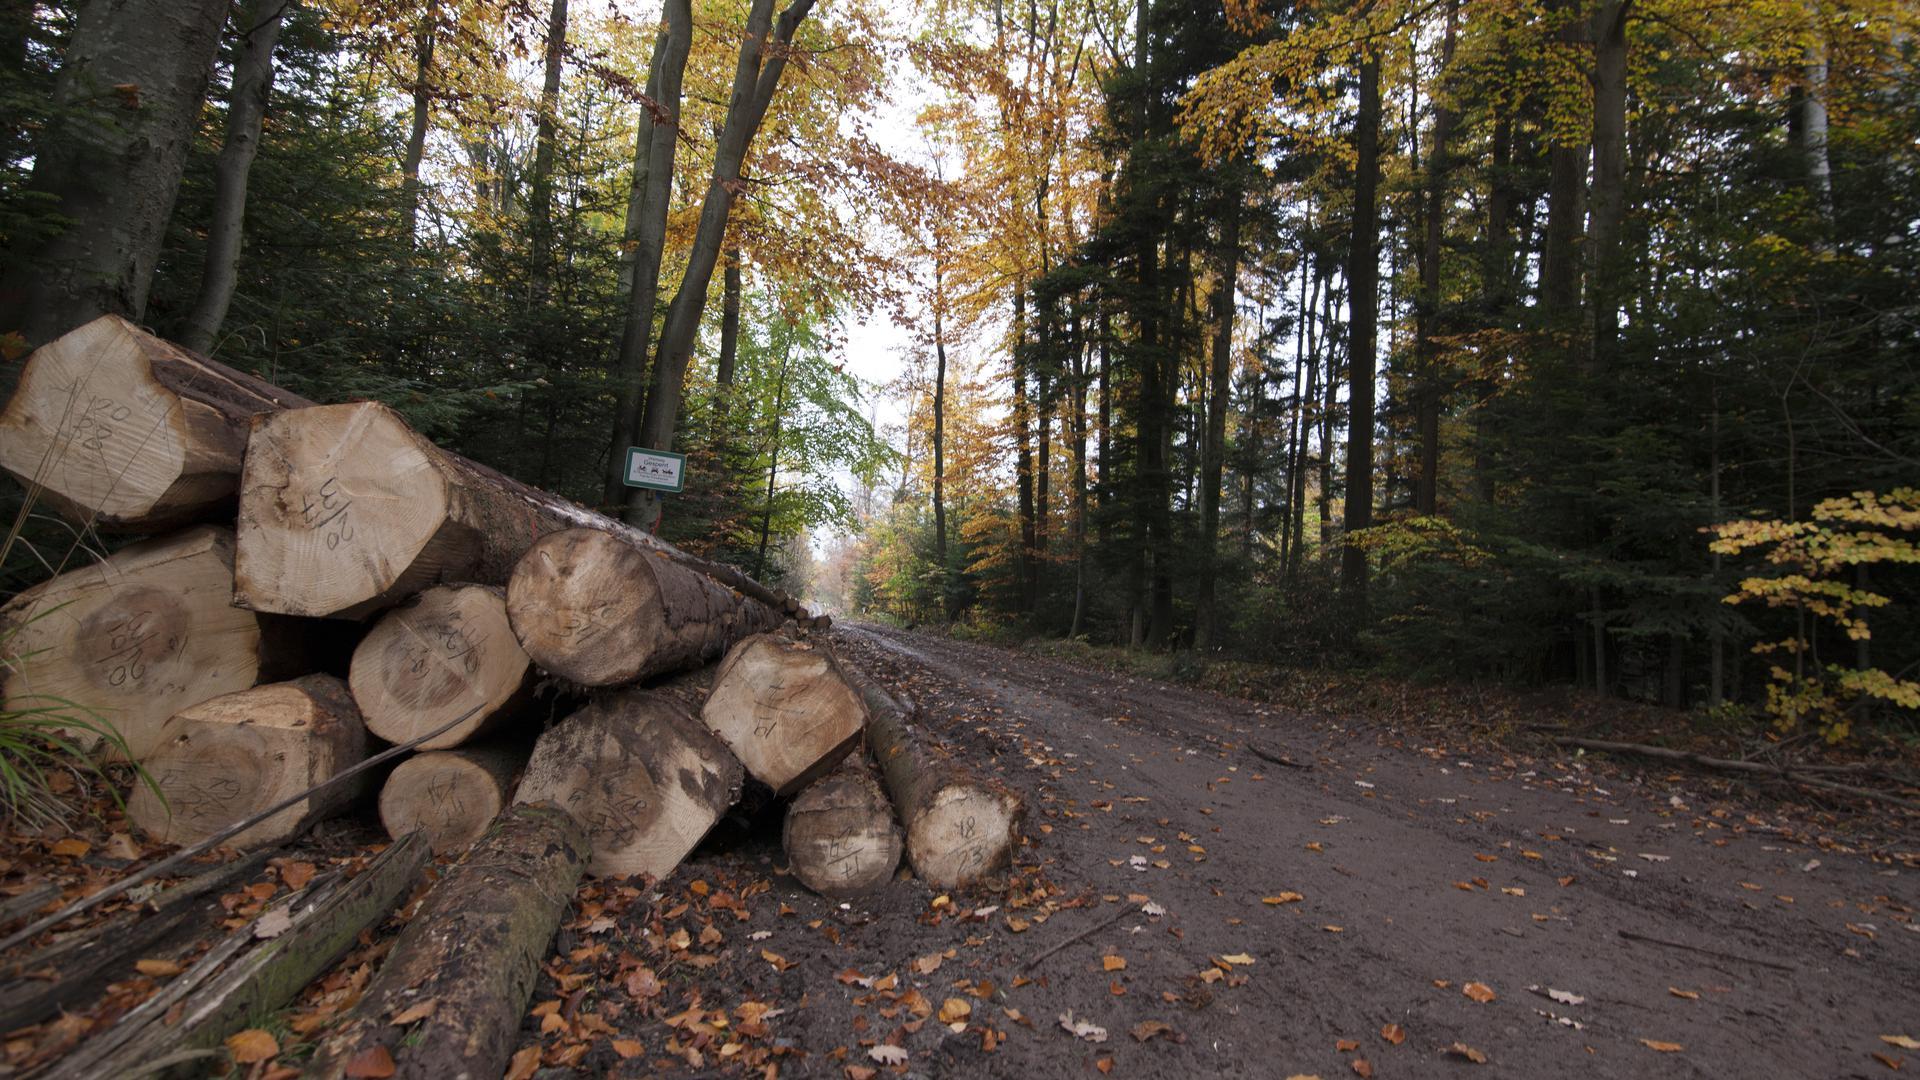 Baumstämme liegen an einem Waldweg zum Abtransport bereit